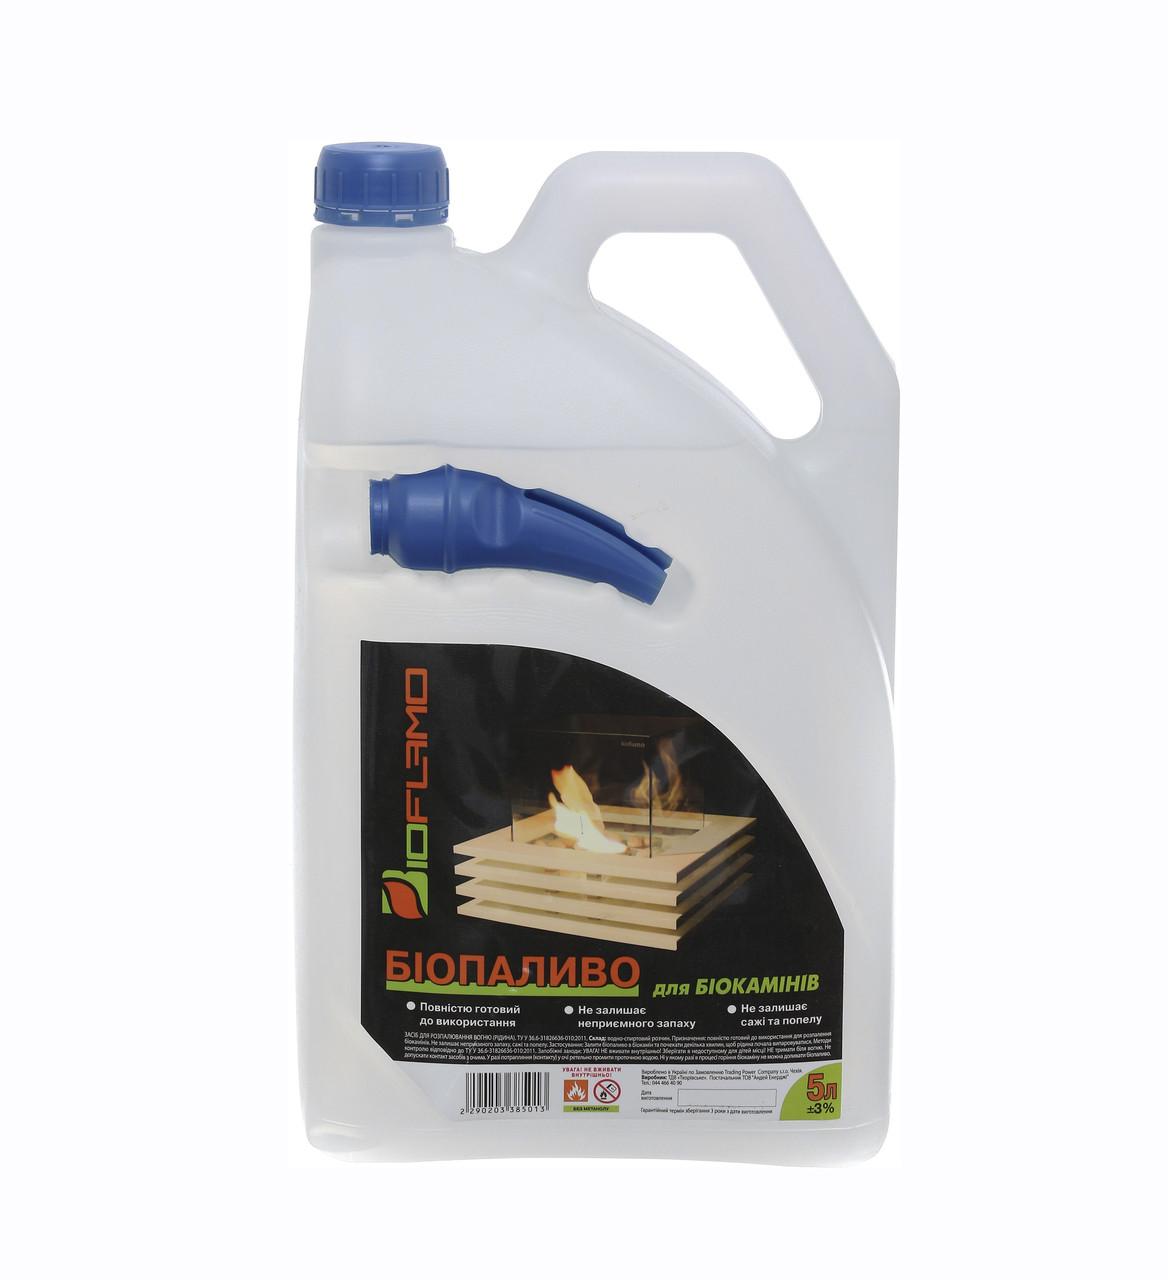 Биотопливо для биокамина 5 л BioFlamo